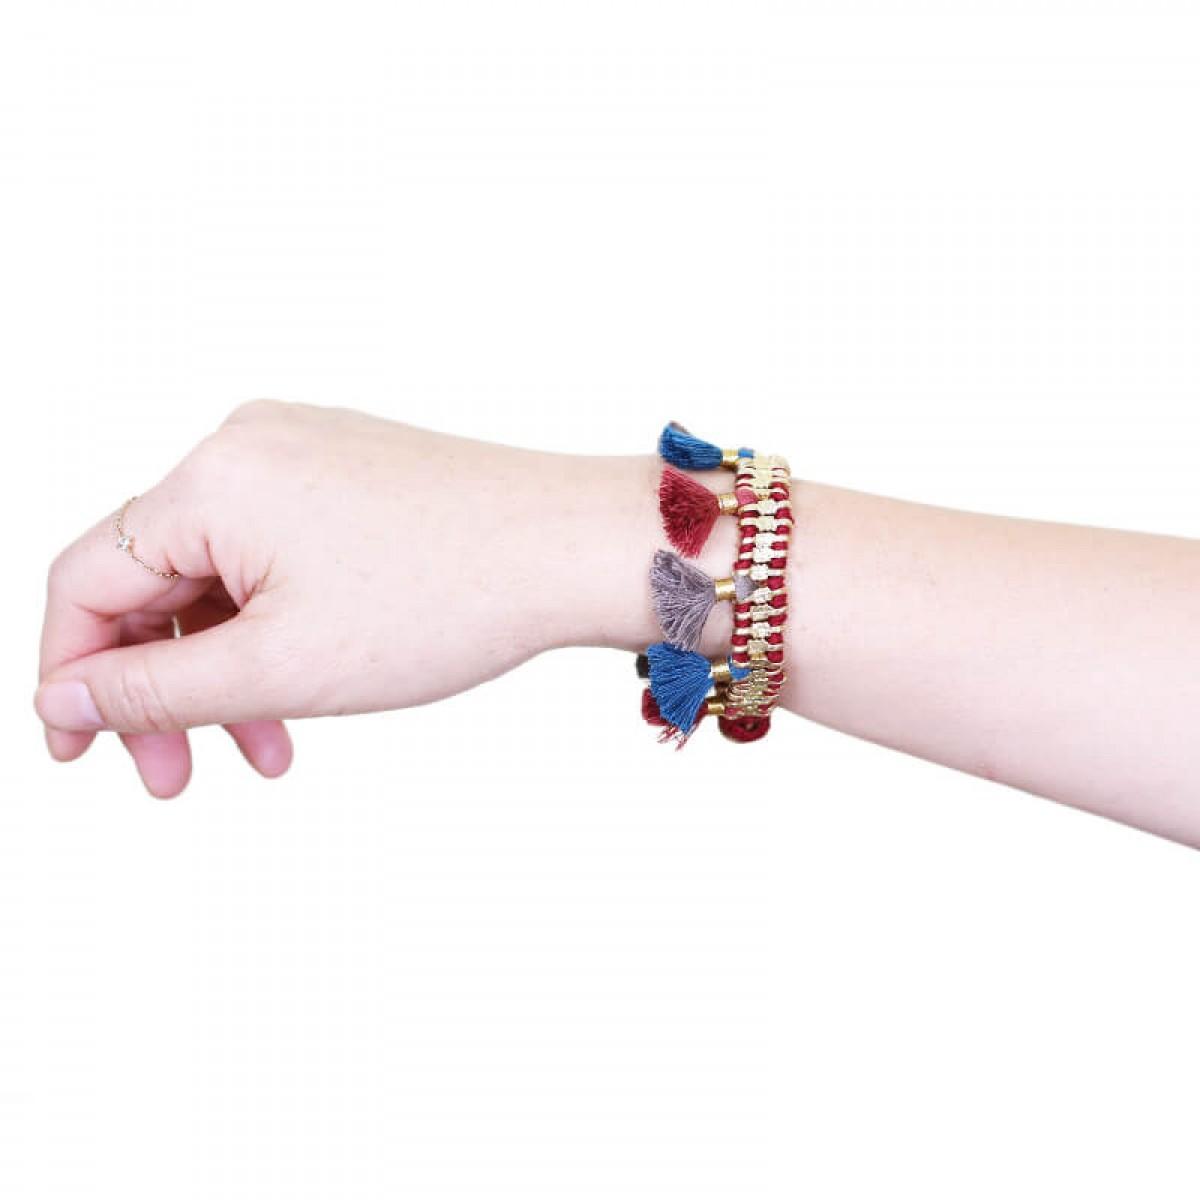 Bohemian Fashion Single Tassel Bracelet - Maroon & Grey